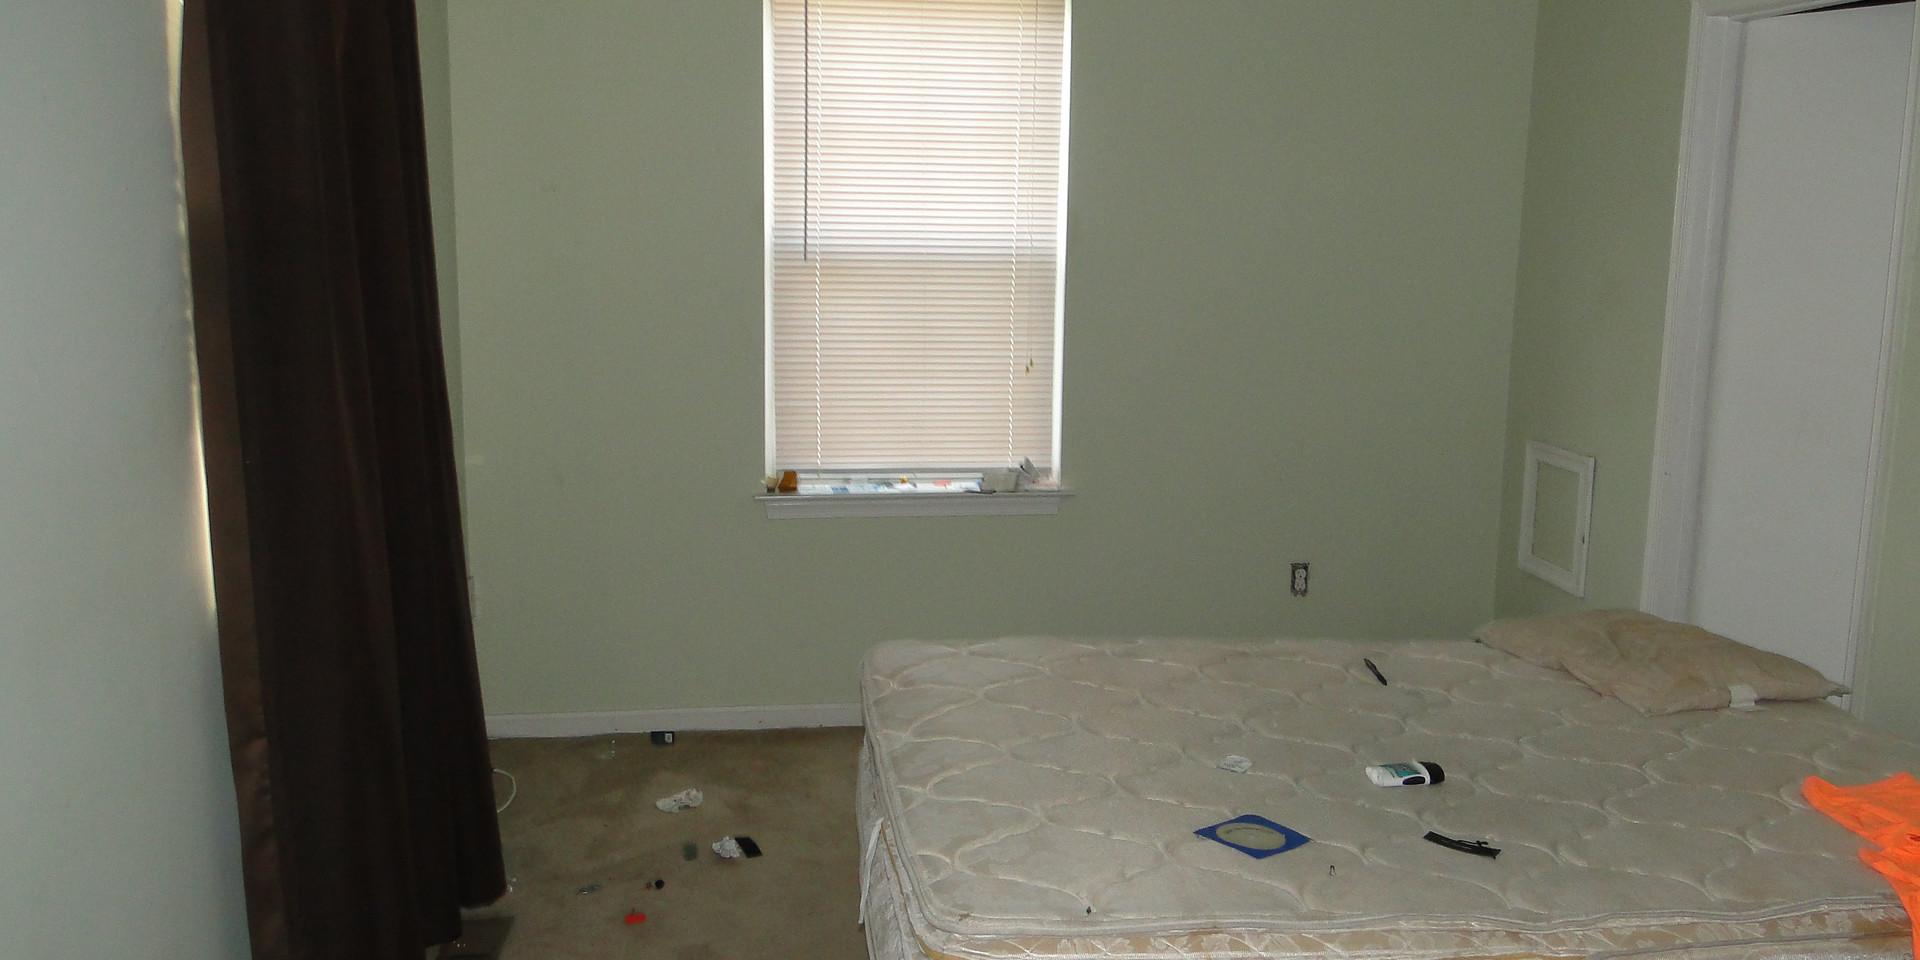 15 - Master Bedroom.JPG